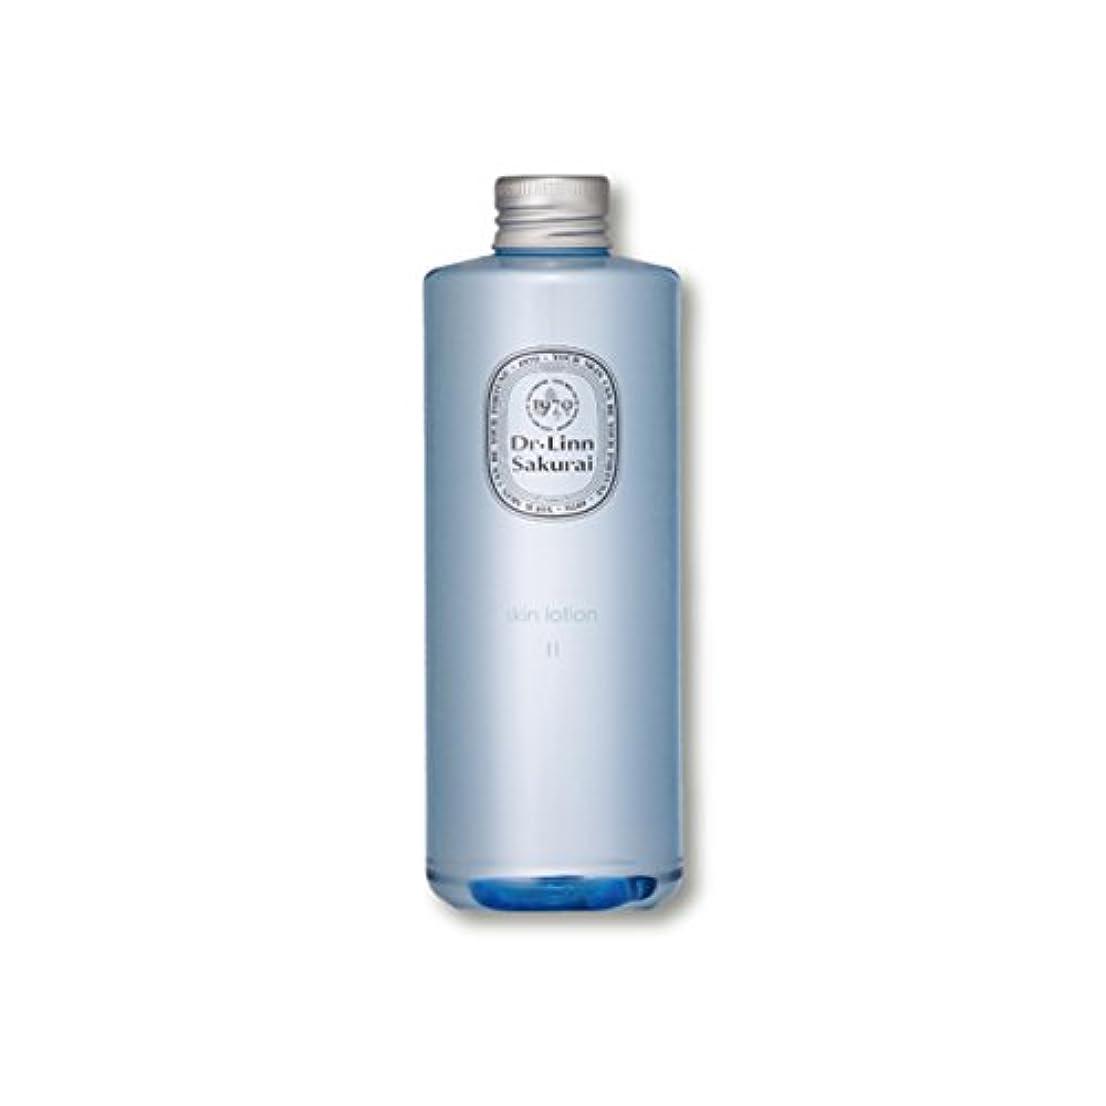 みなす体さておきドクターリンサクライ スキンローションII しっとりタイプ 300ml  (化粧水)